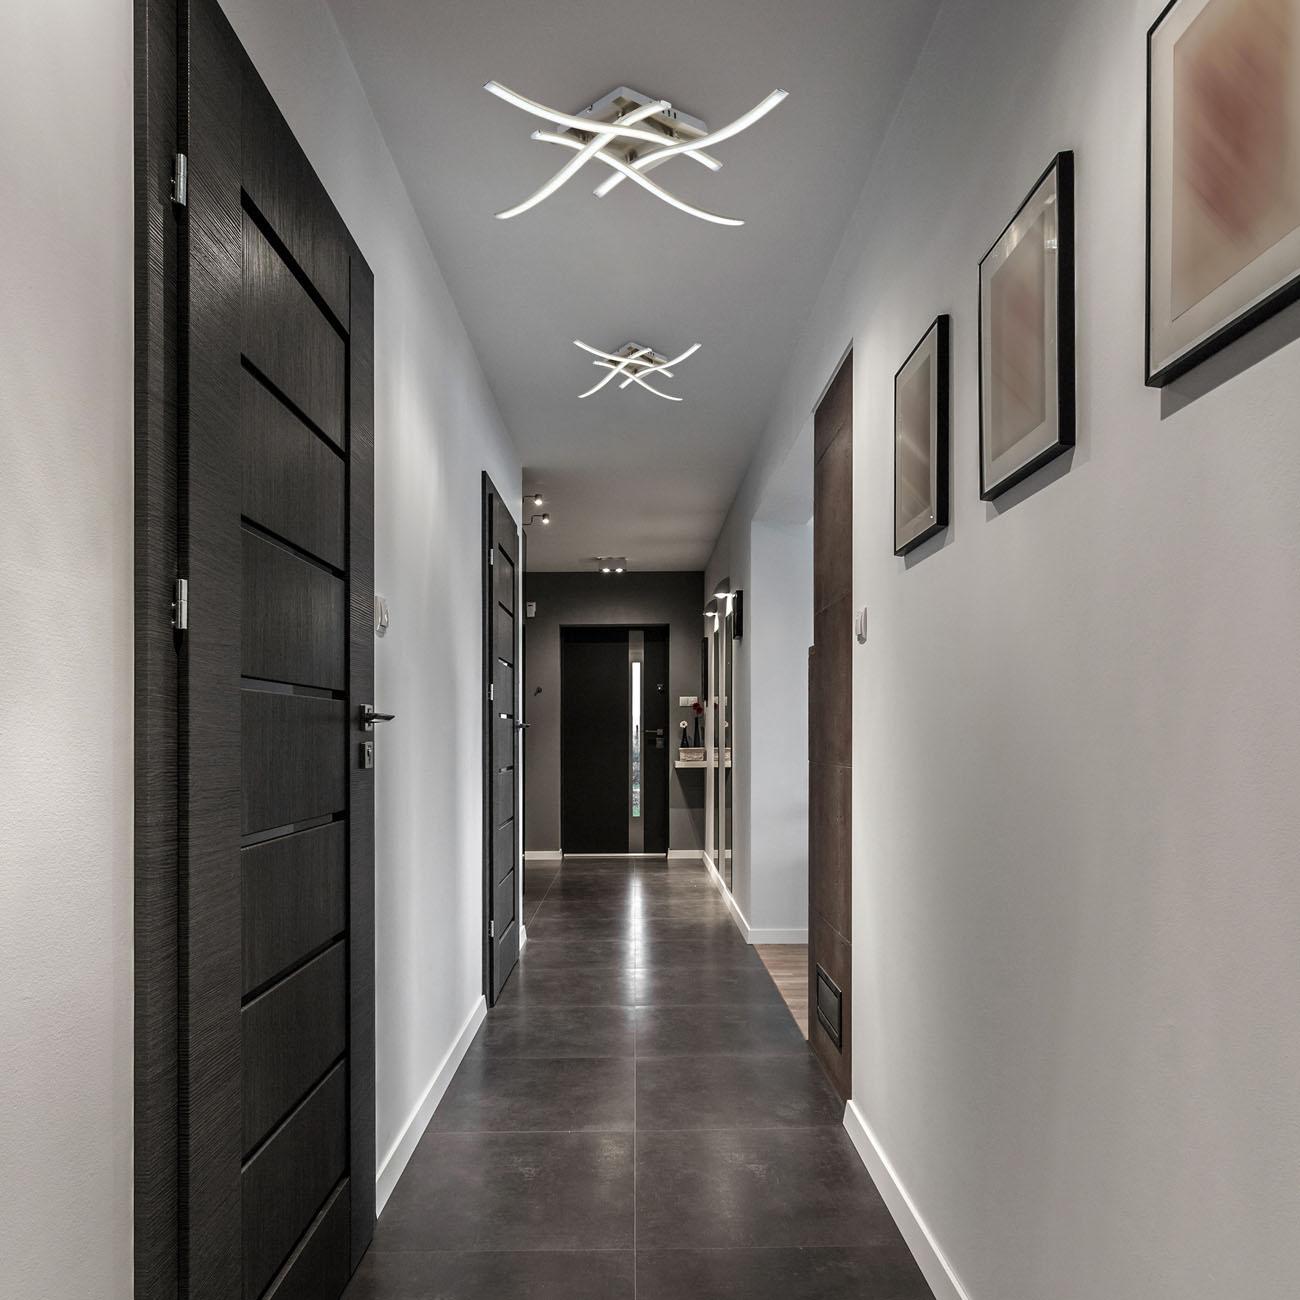 LED Design Deckenleuchte Wellenform 4-flammig  - 2